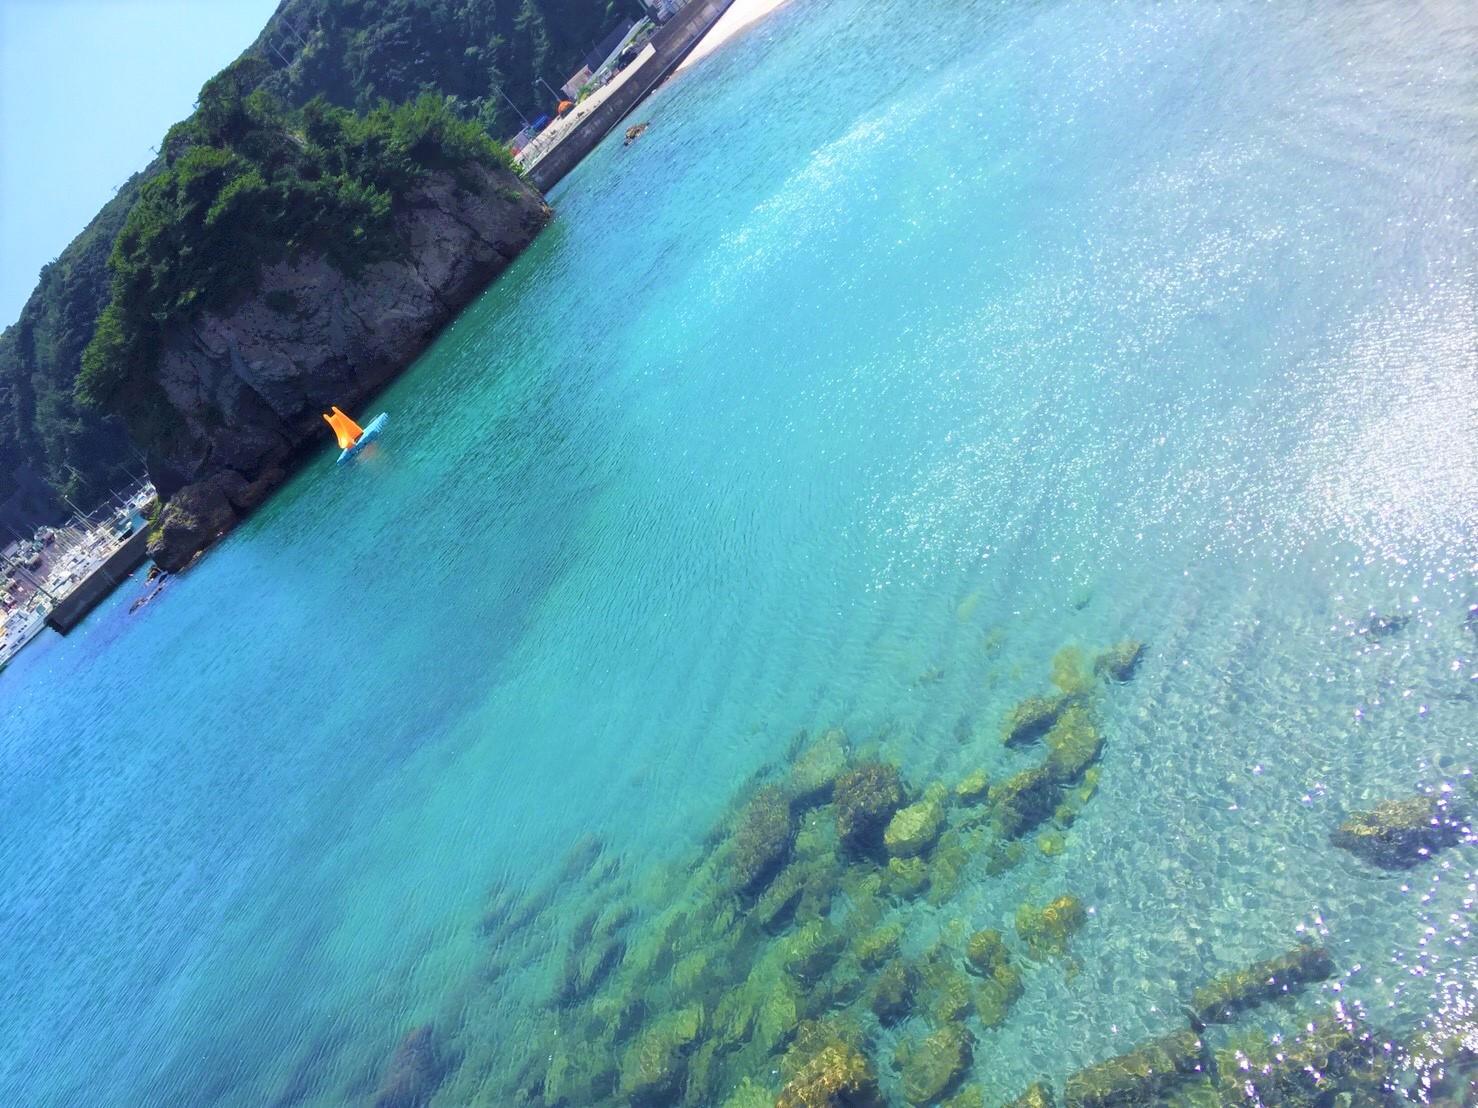 神津島の綺麗で透き通る海の画像